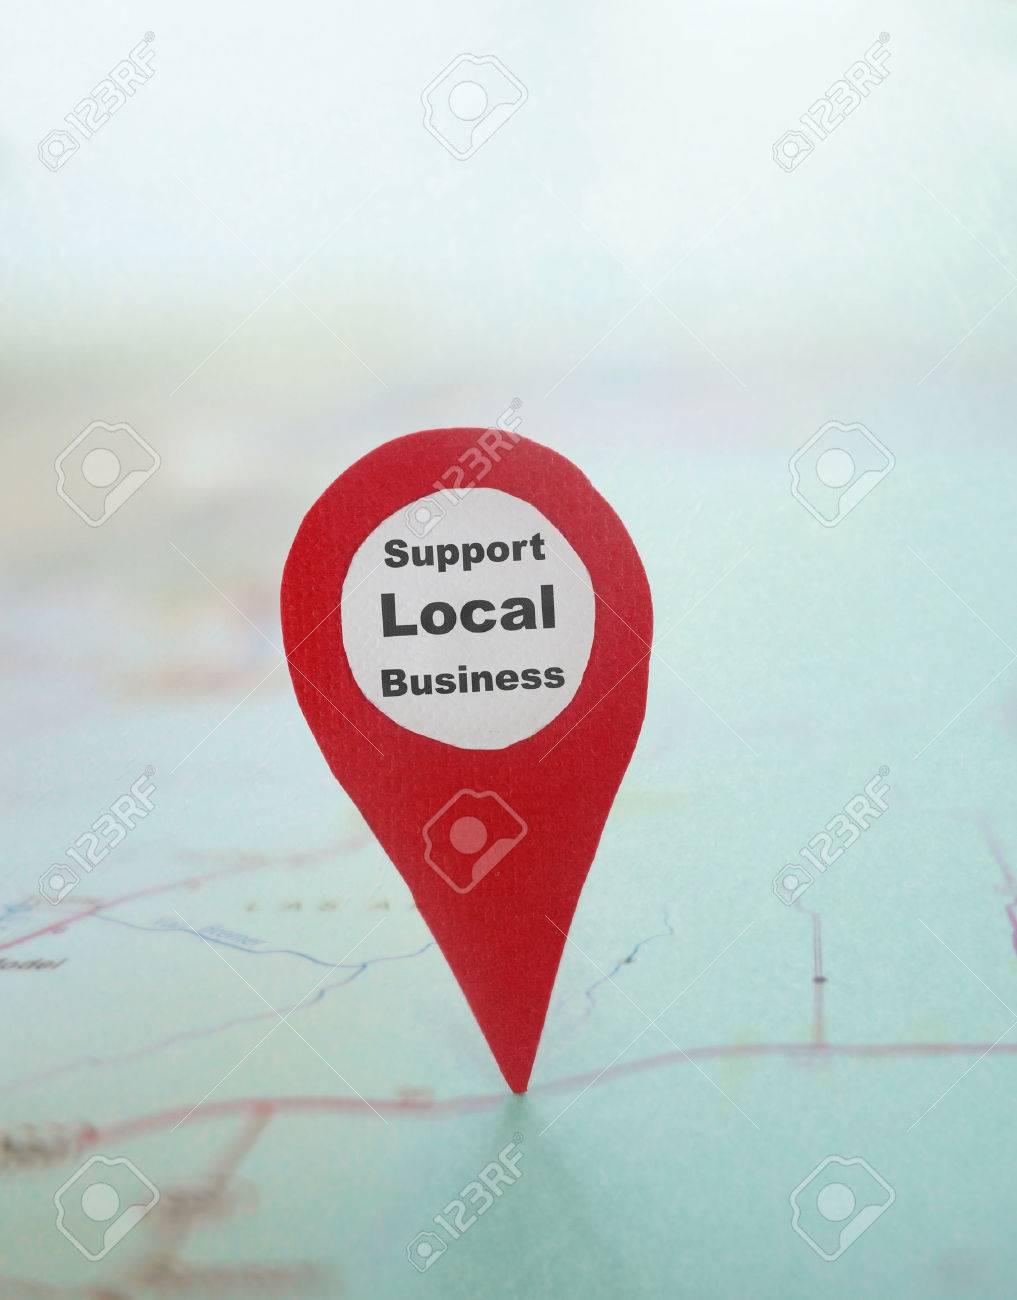 Symbole De Repérage Rouge Avec Le Texte De Soutien Local Dentreprise Sur Une Carte